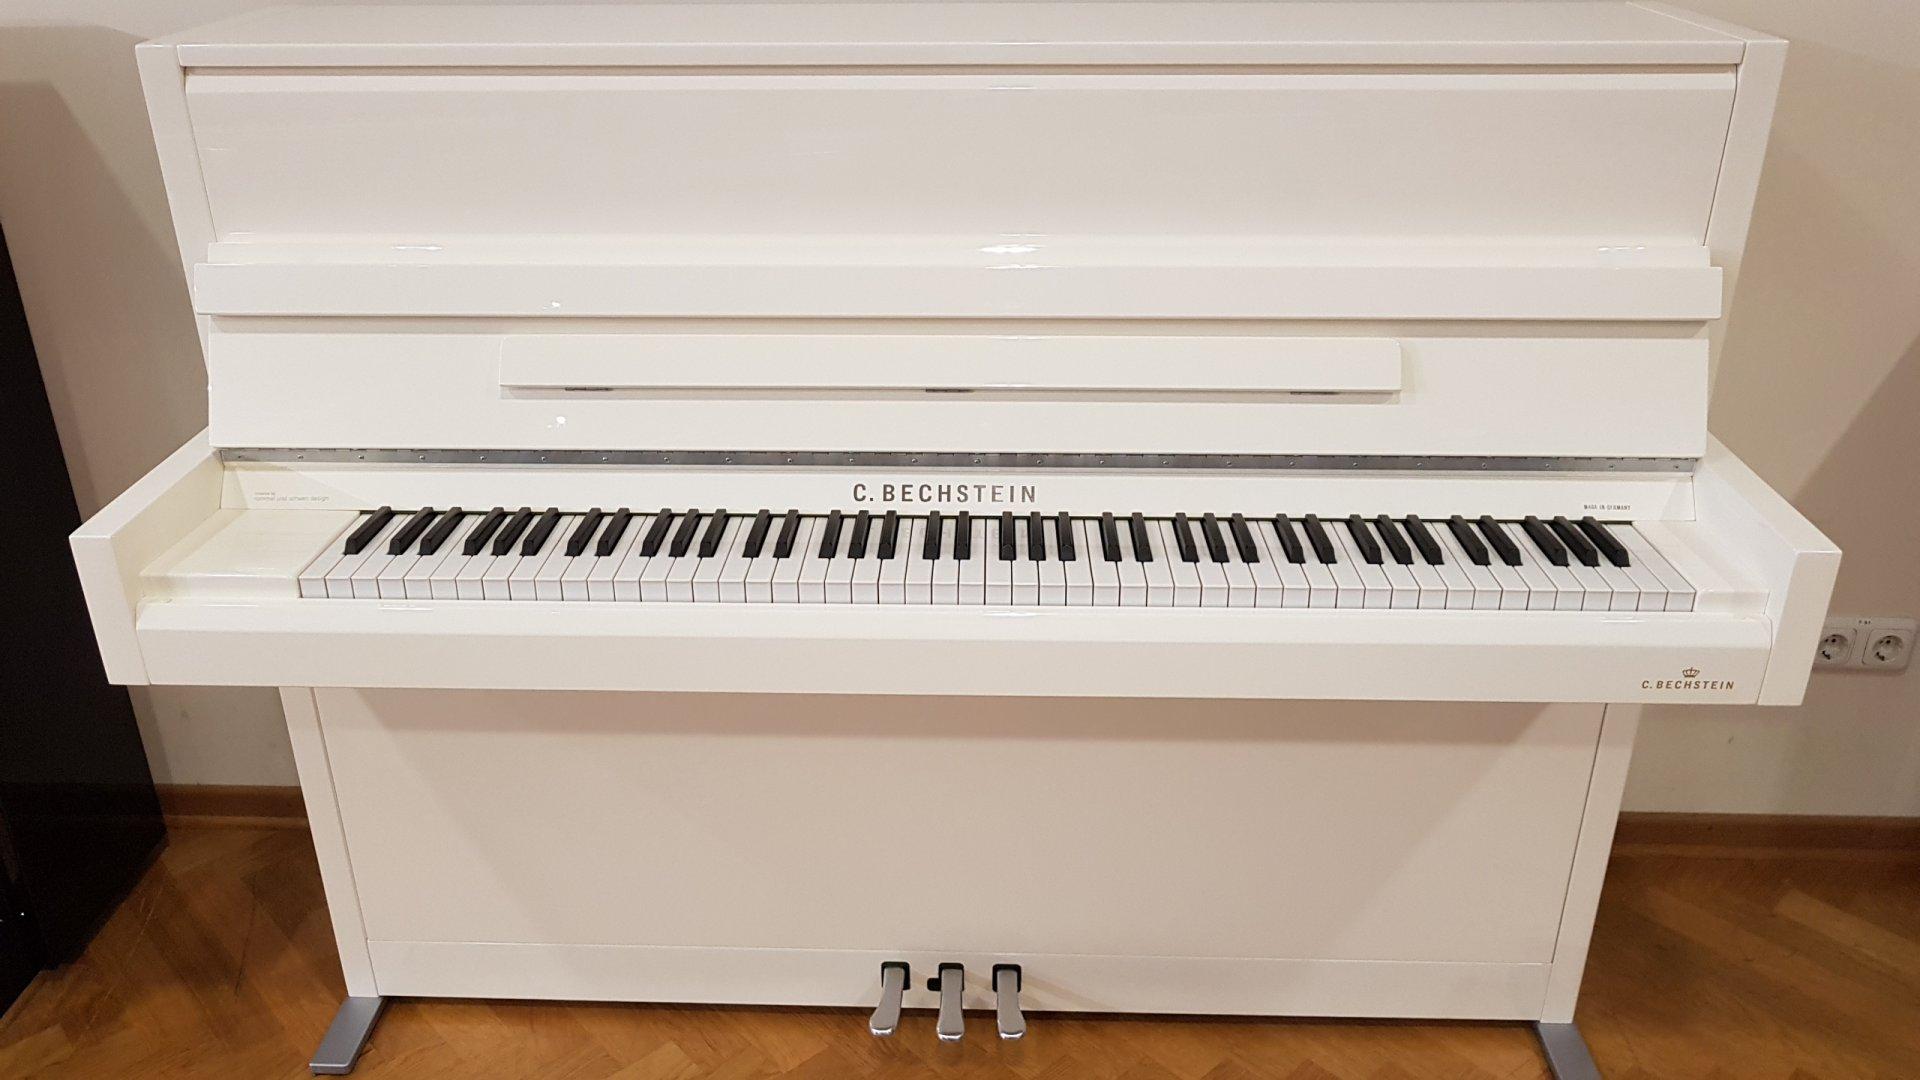 bechstein klavier millenium gebraucht von piano fischer. Black Bedroom Furniture Sets. Home Design Ideas